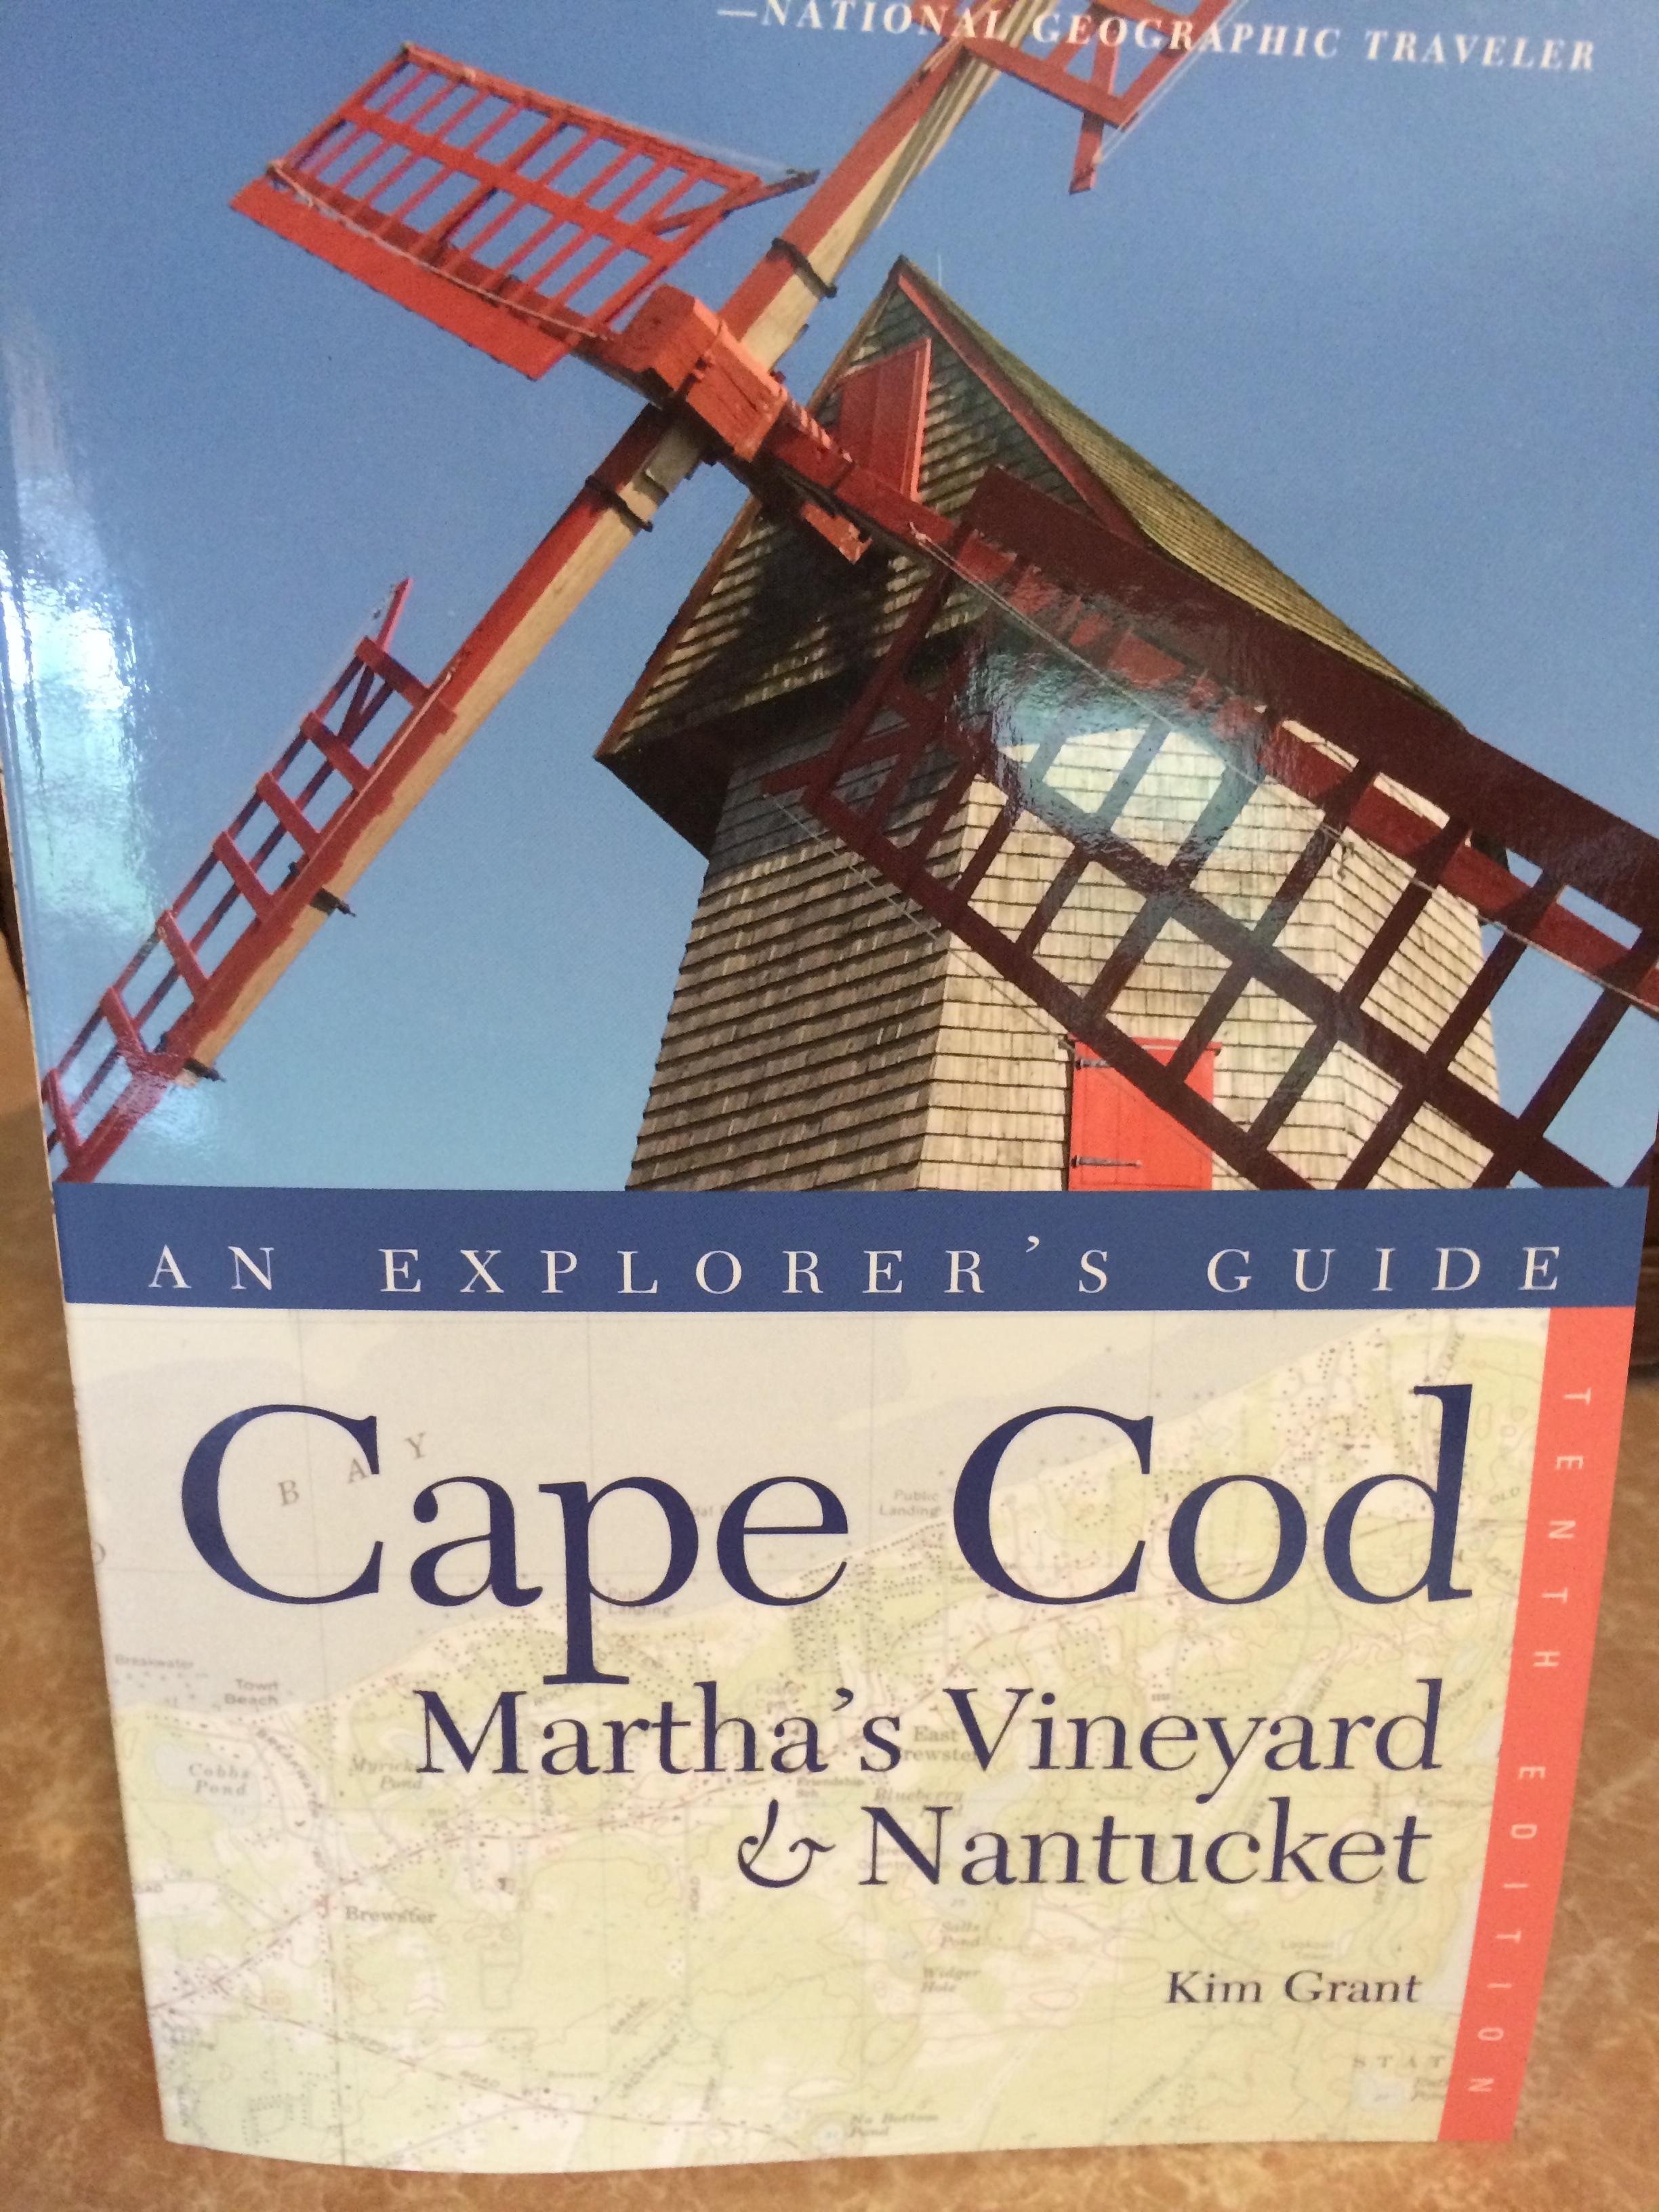 Cape Cod Explorer's Guide